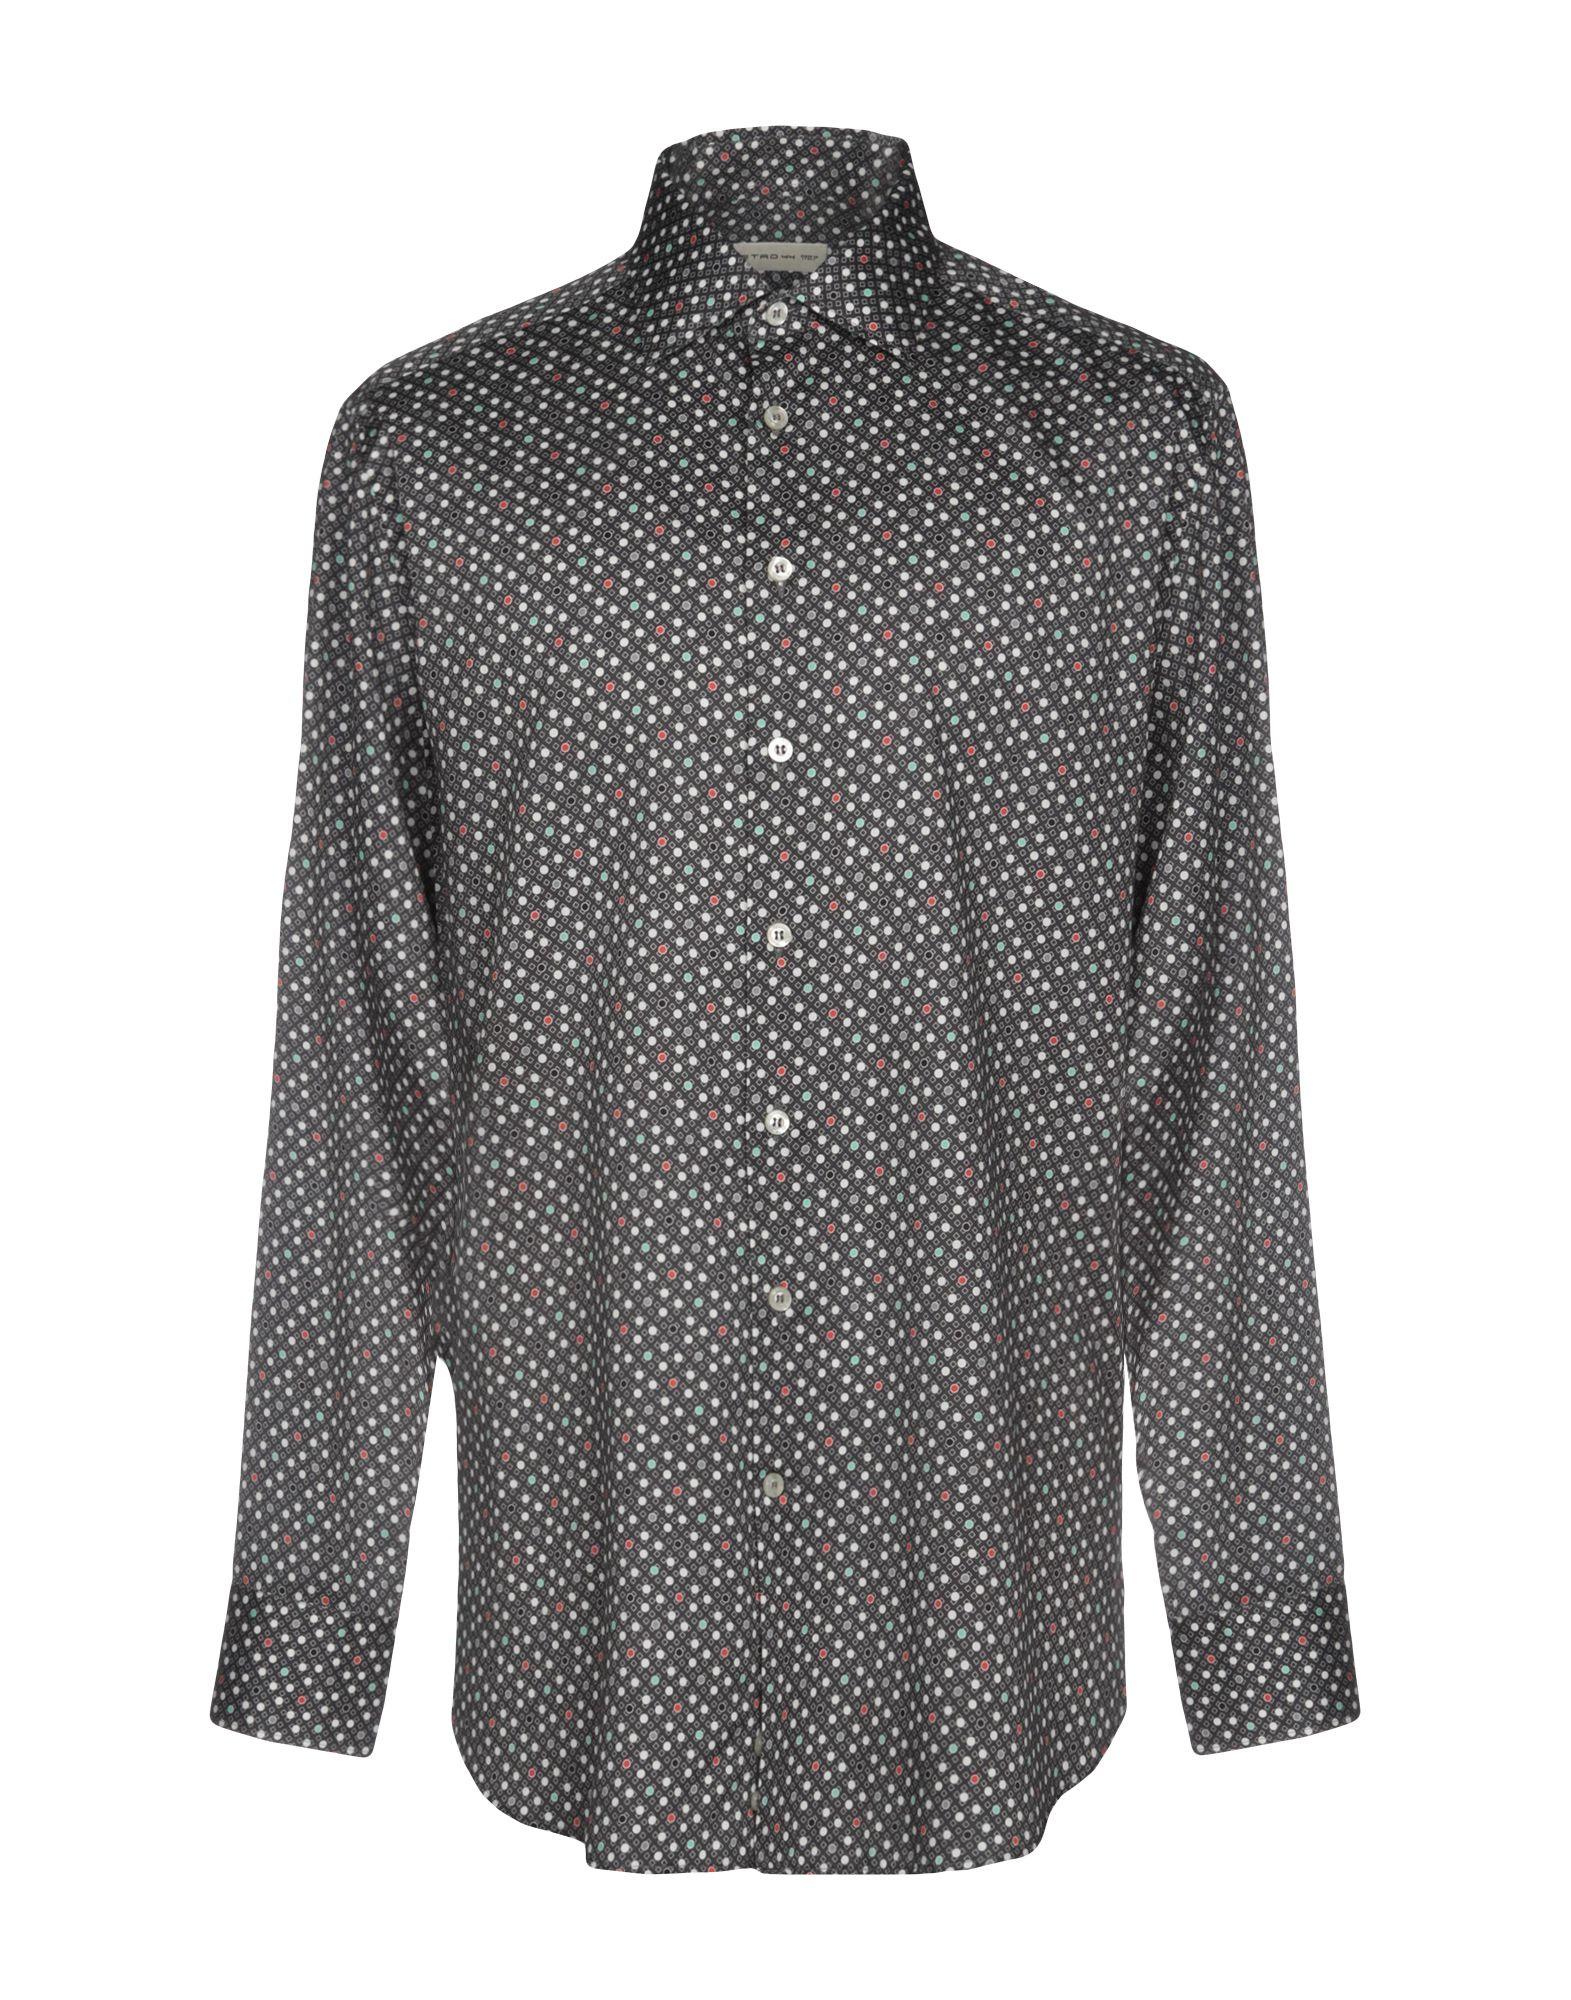 《送料無料》ETRO メンズ シャツ スチールグレー 44 100% コットン